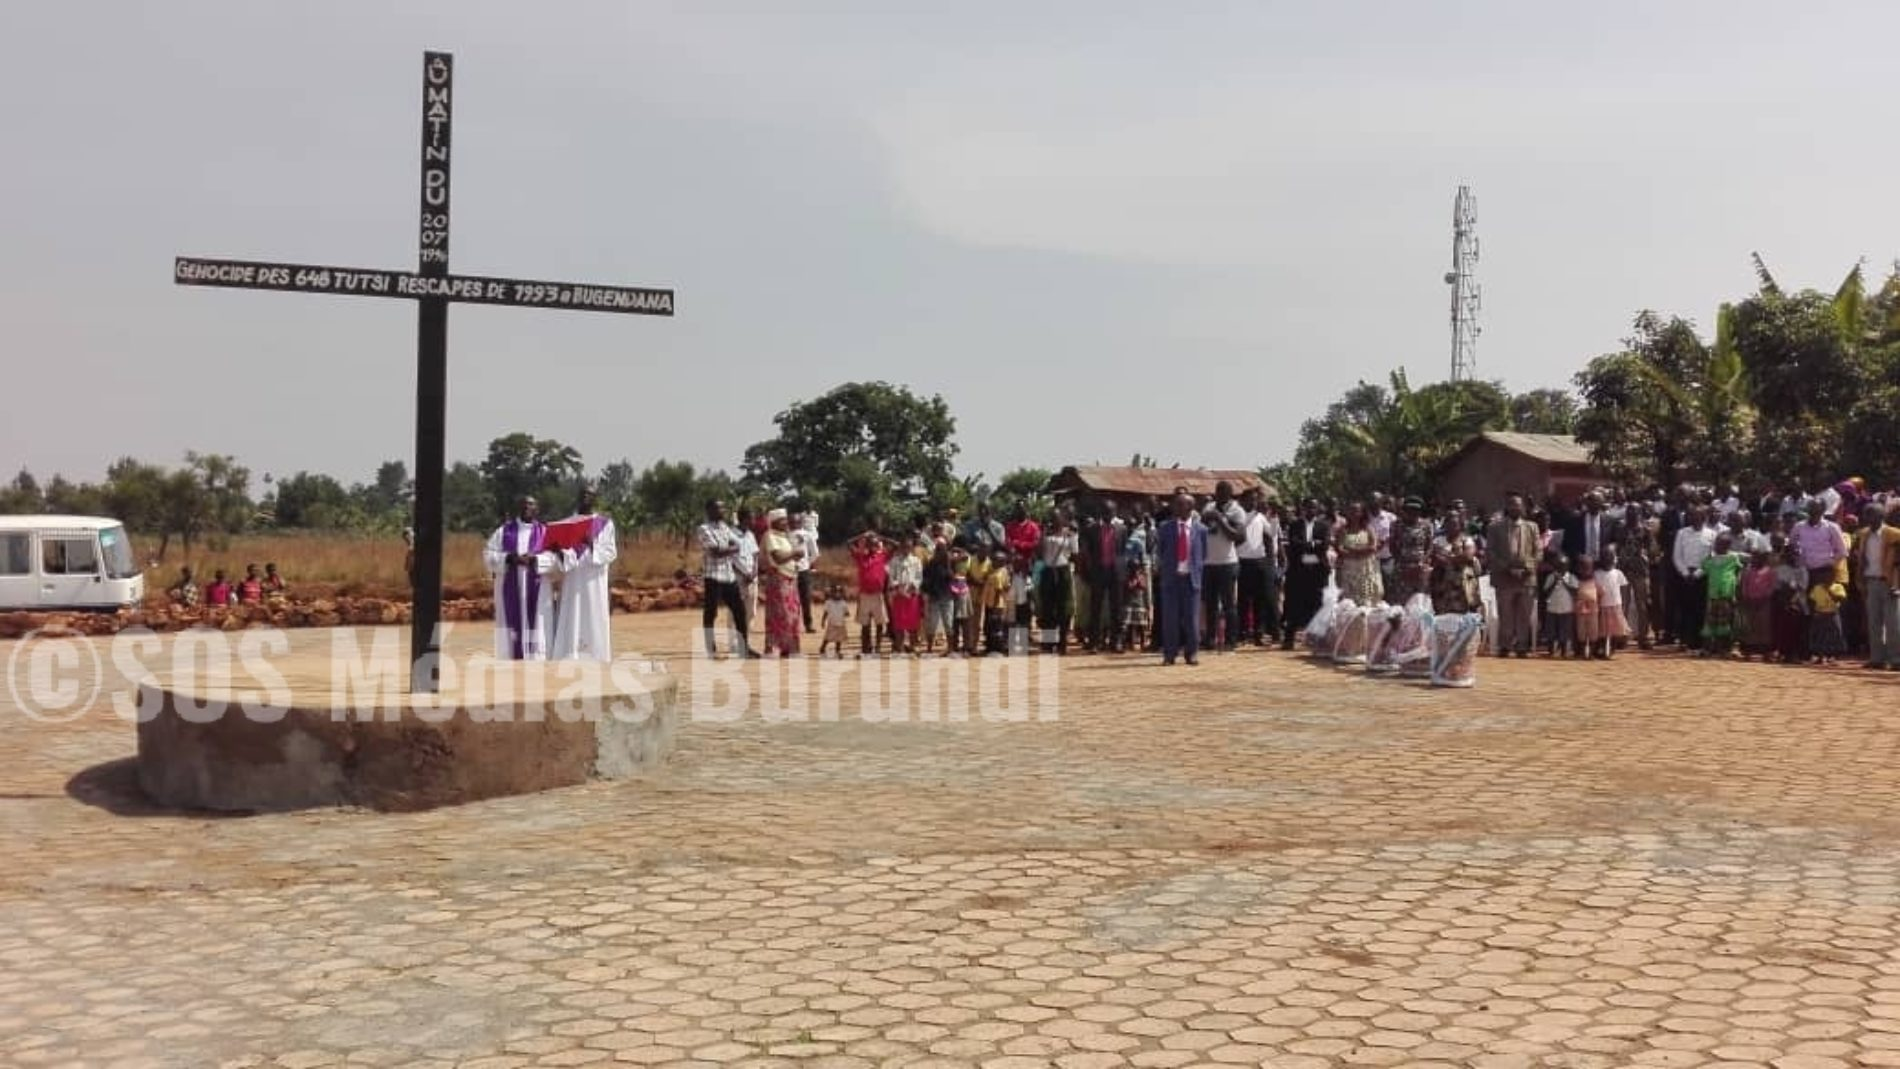 (Gitega) : 23ième commémoration du massacre de plus de 600 tutsi au site des déplacés de Bugendana